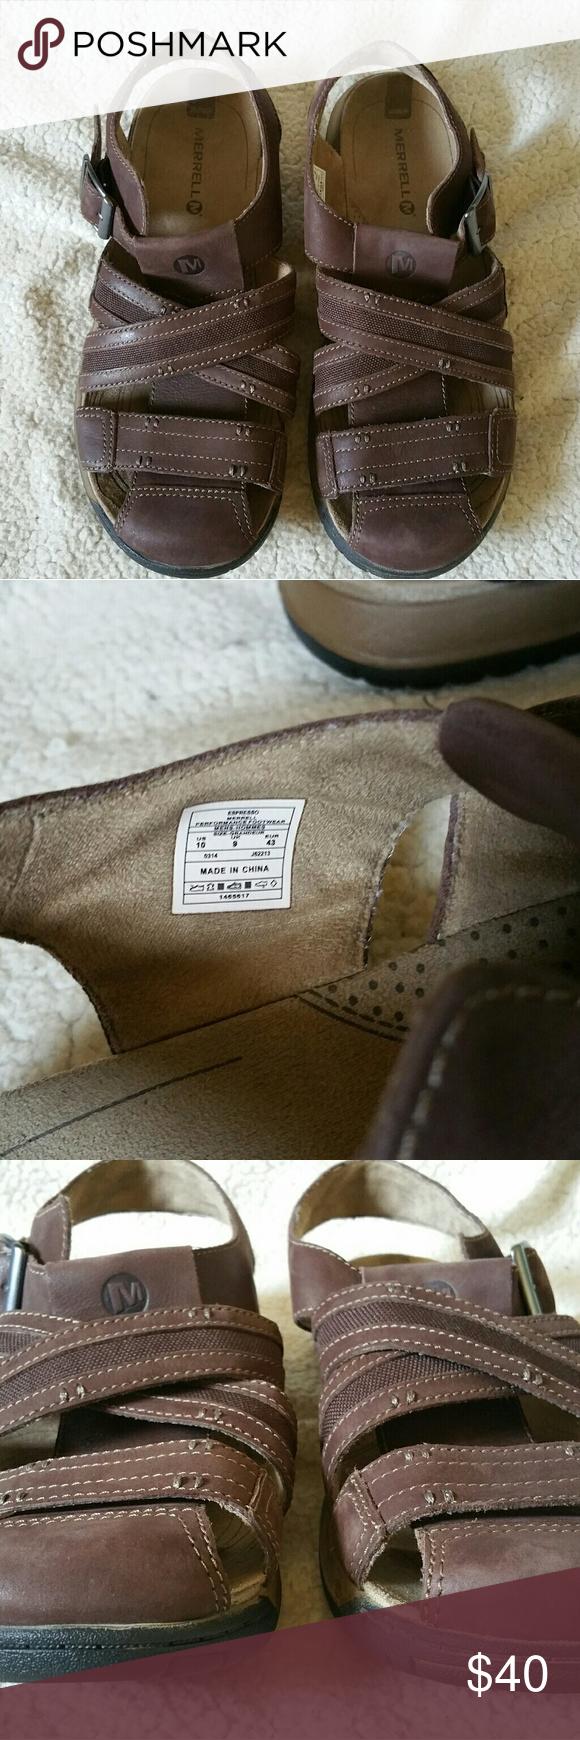 d40a6105724a Little to no wear on the bottoms. Merrell Shoes Sandals   Flip-Flops. Merrell  J62213 Traveler Fisher Sandals Men s 10 ...